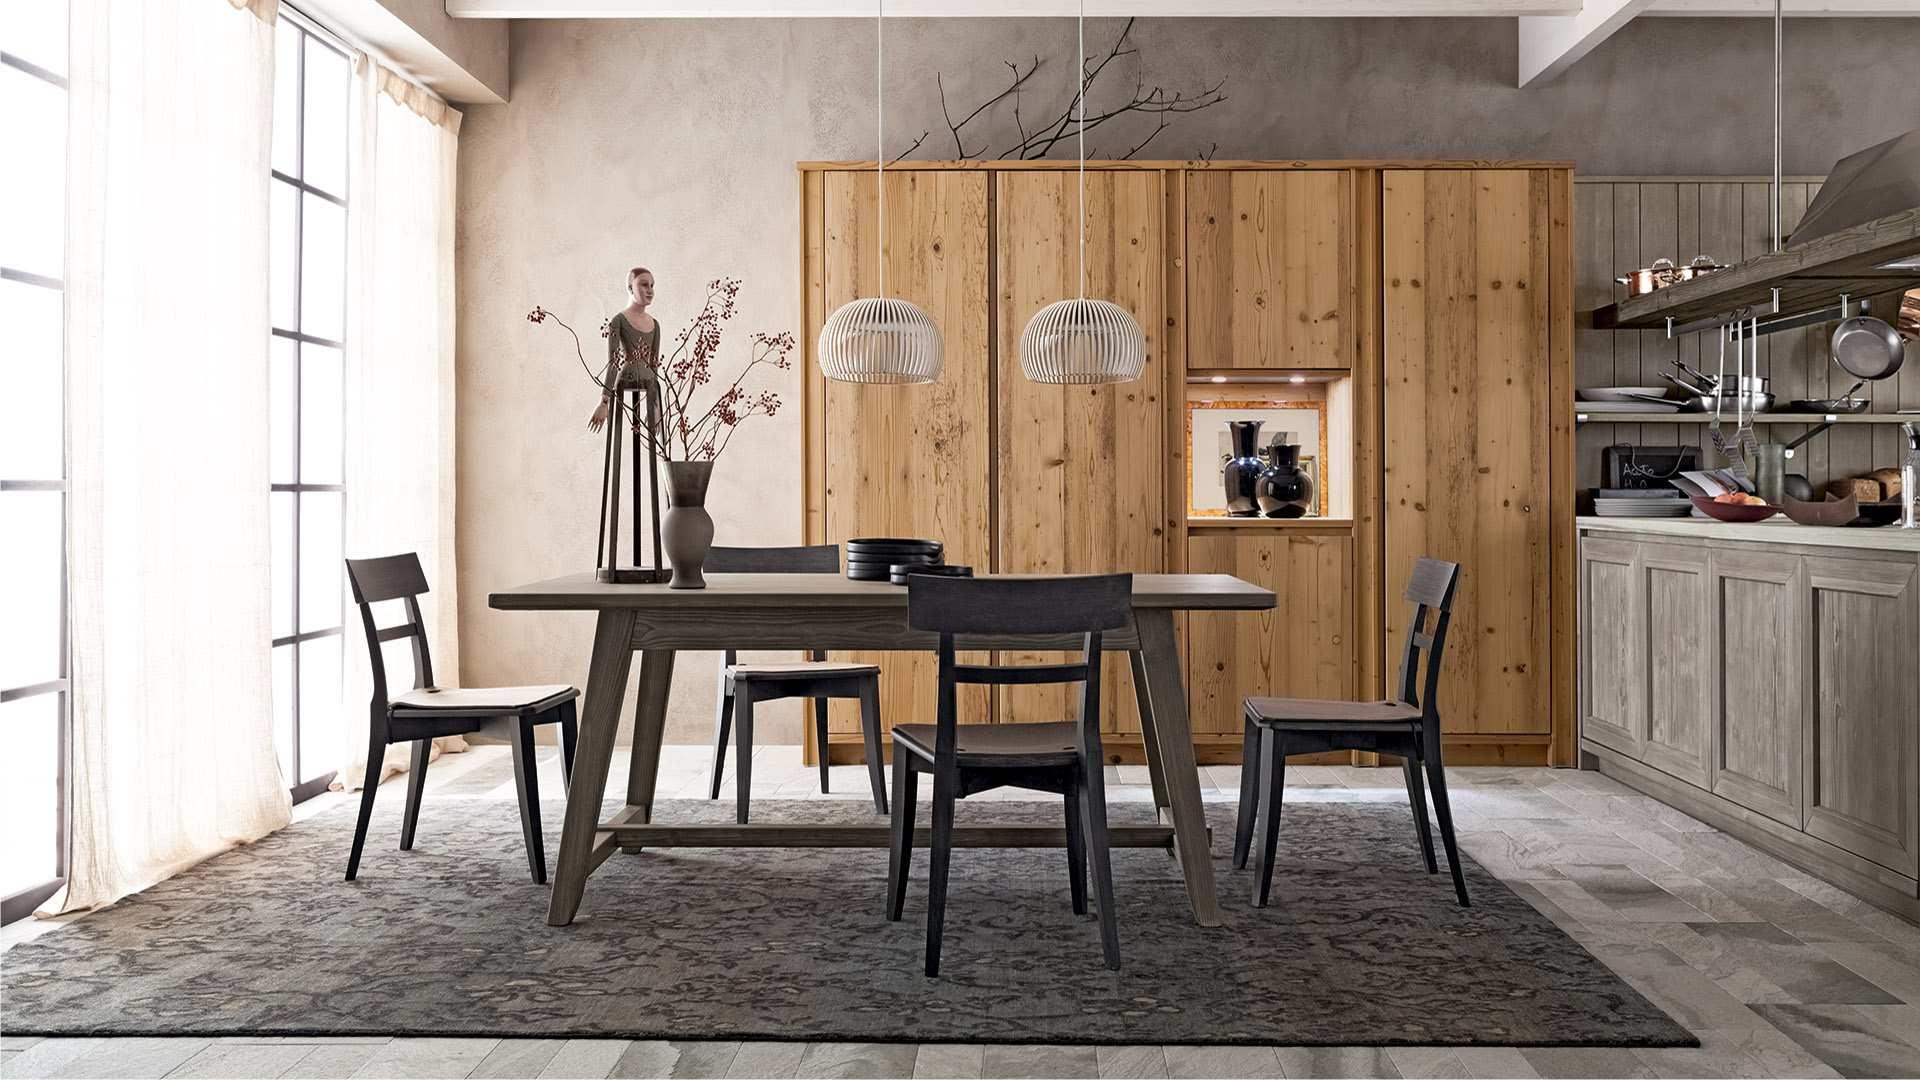 Scandola mobili arredamento in vero legno - Pulire mobili legno cucina ...